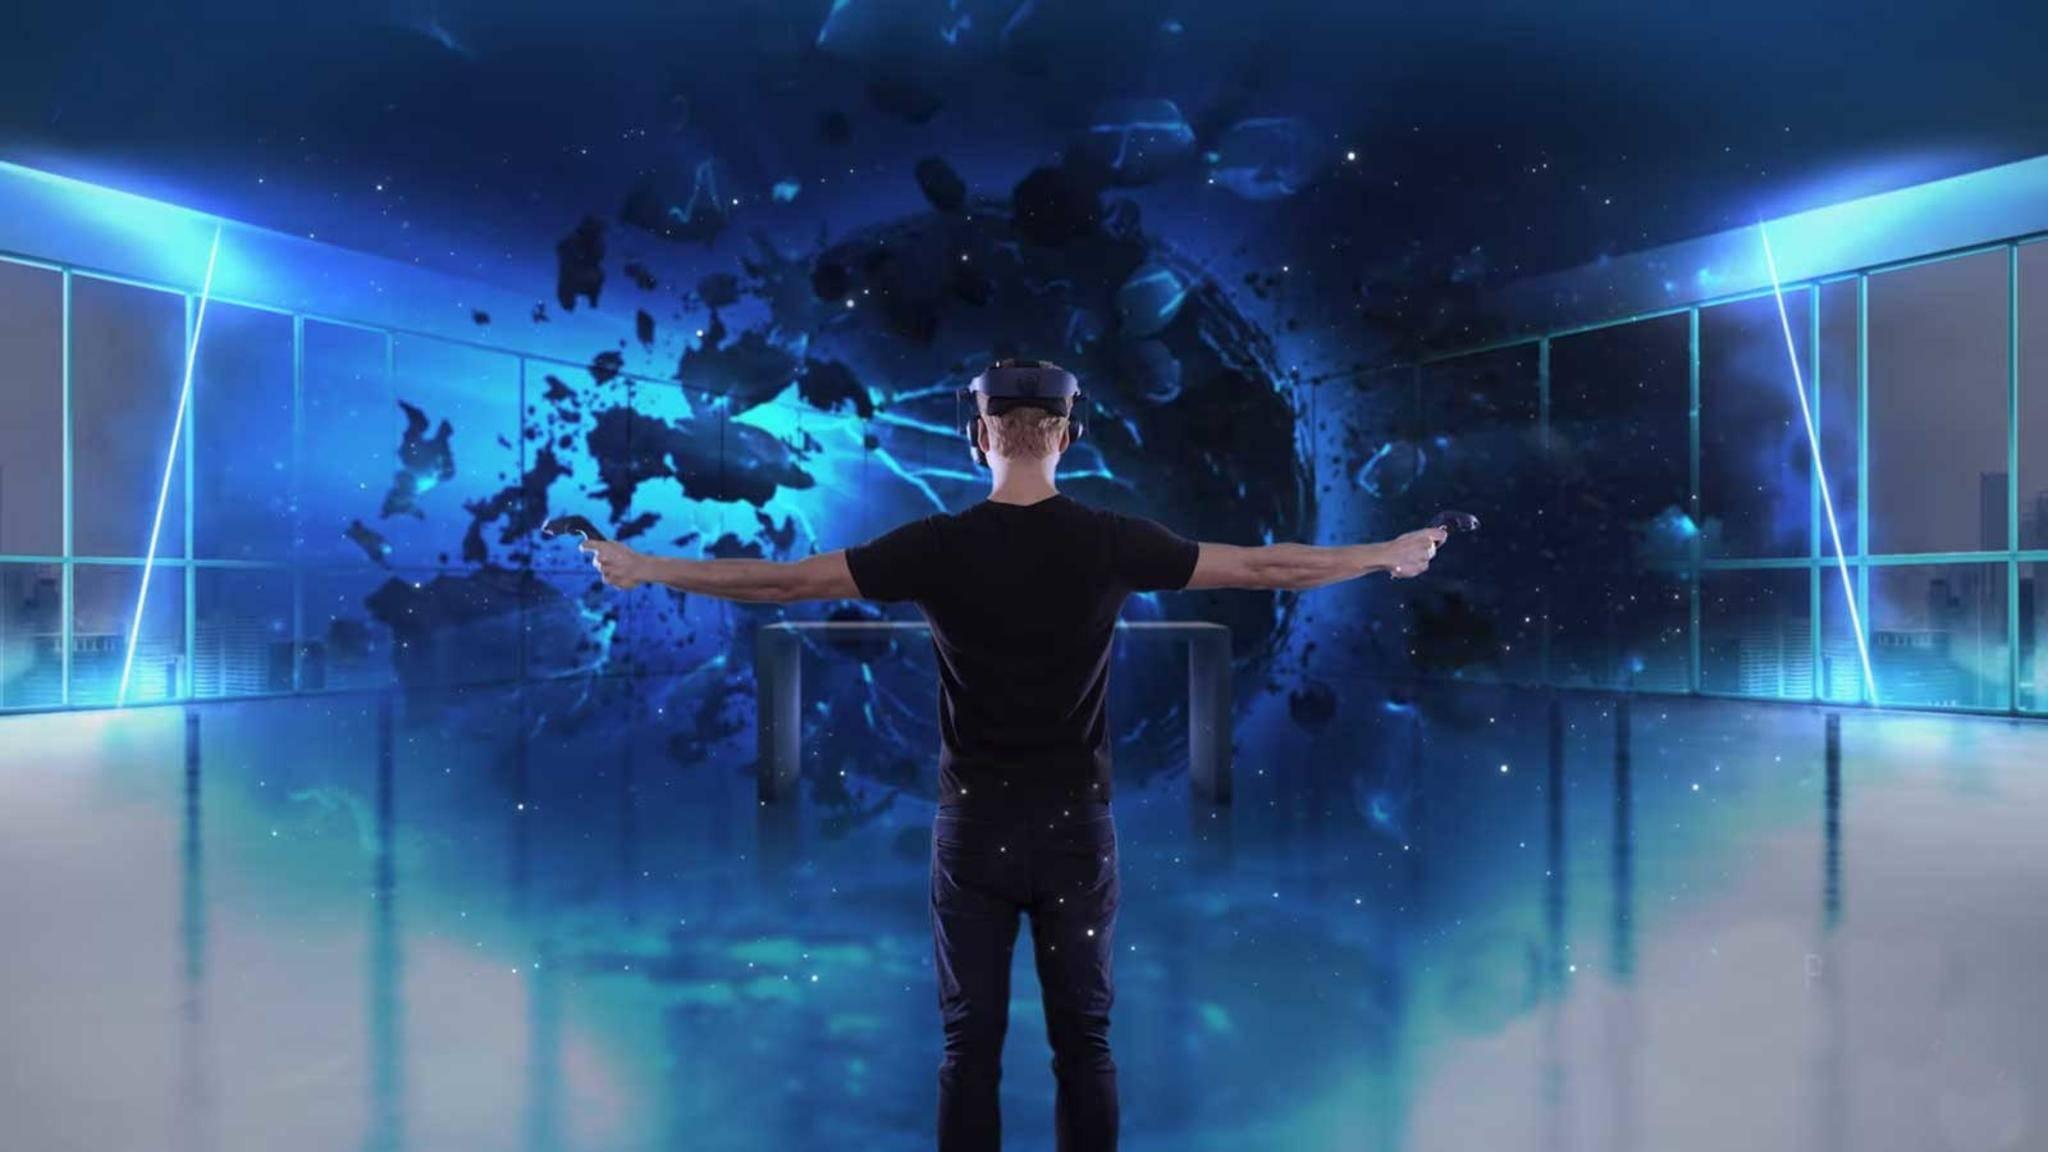 SteamVR bringt mehr Freiheit in die virtuelle Realität.